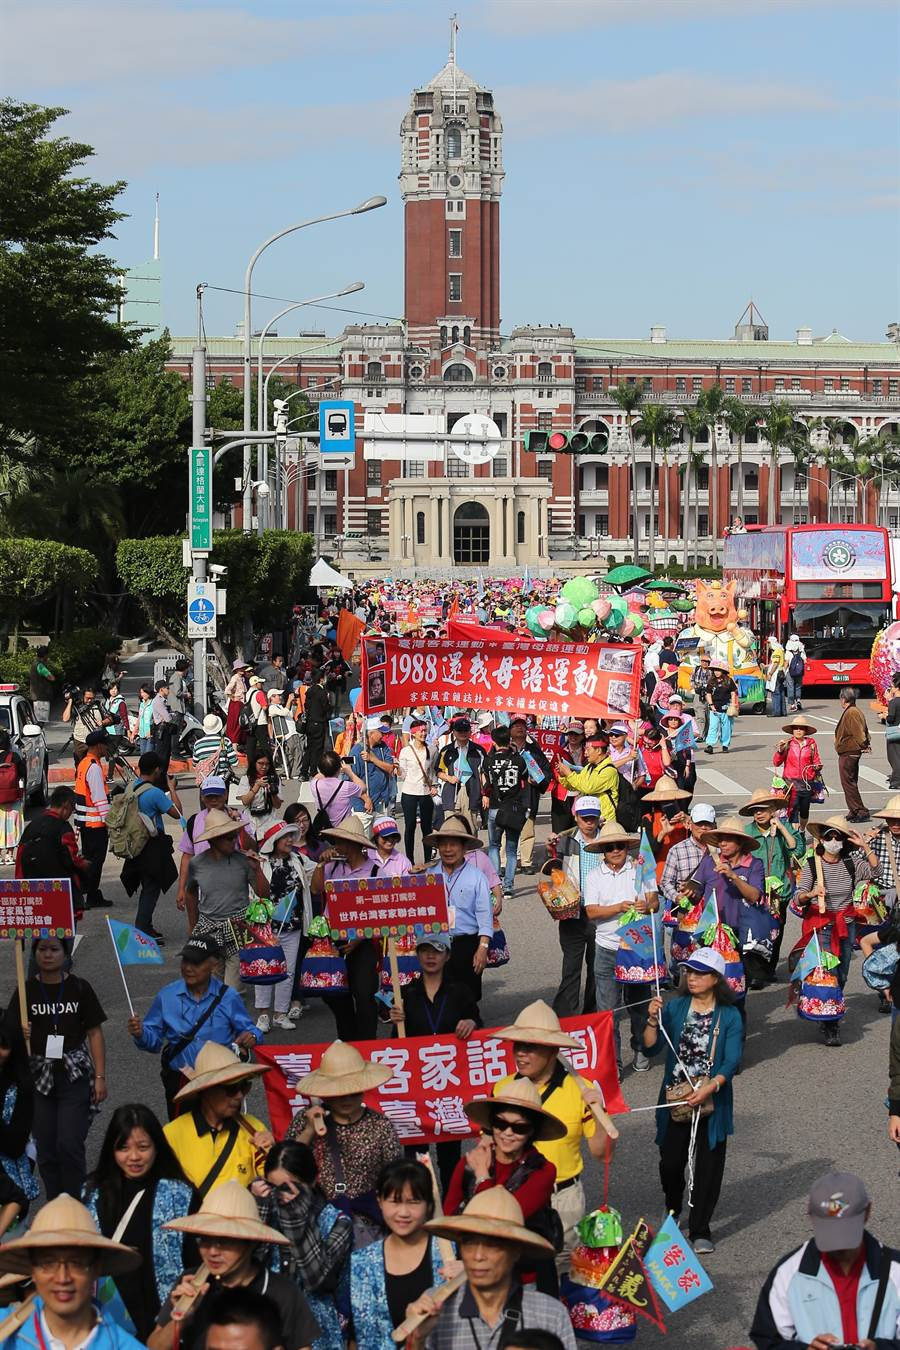 台北客家義民祭踩街遊行從總統府前凱達格蘭大道出發,一路前往台北市客家文化園區。(黃世麒攝)